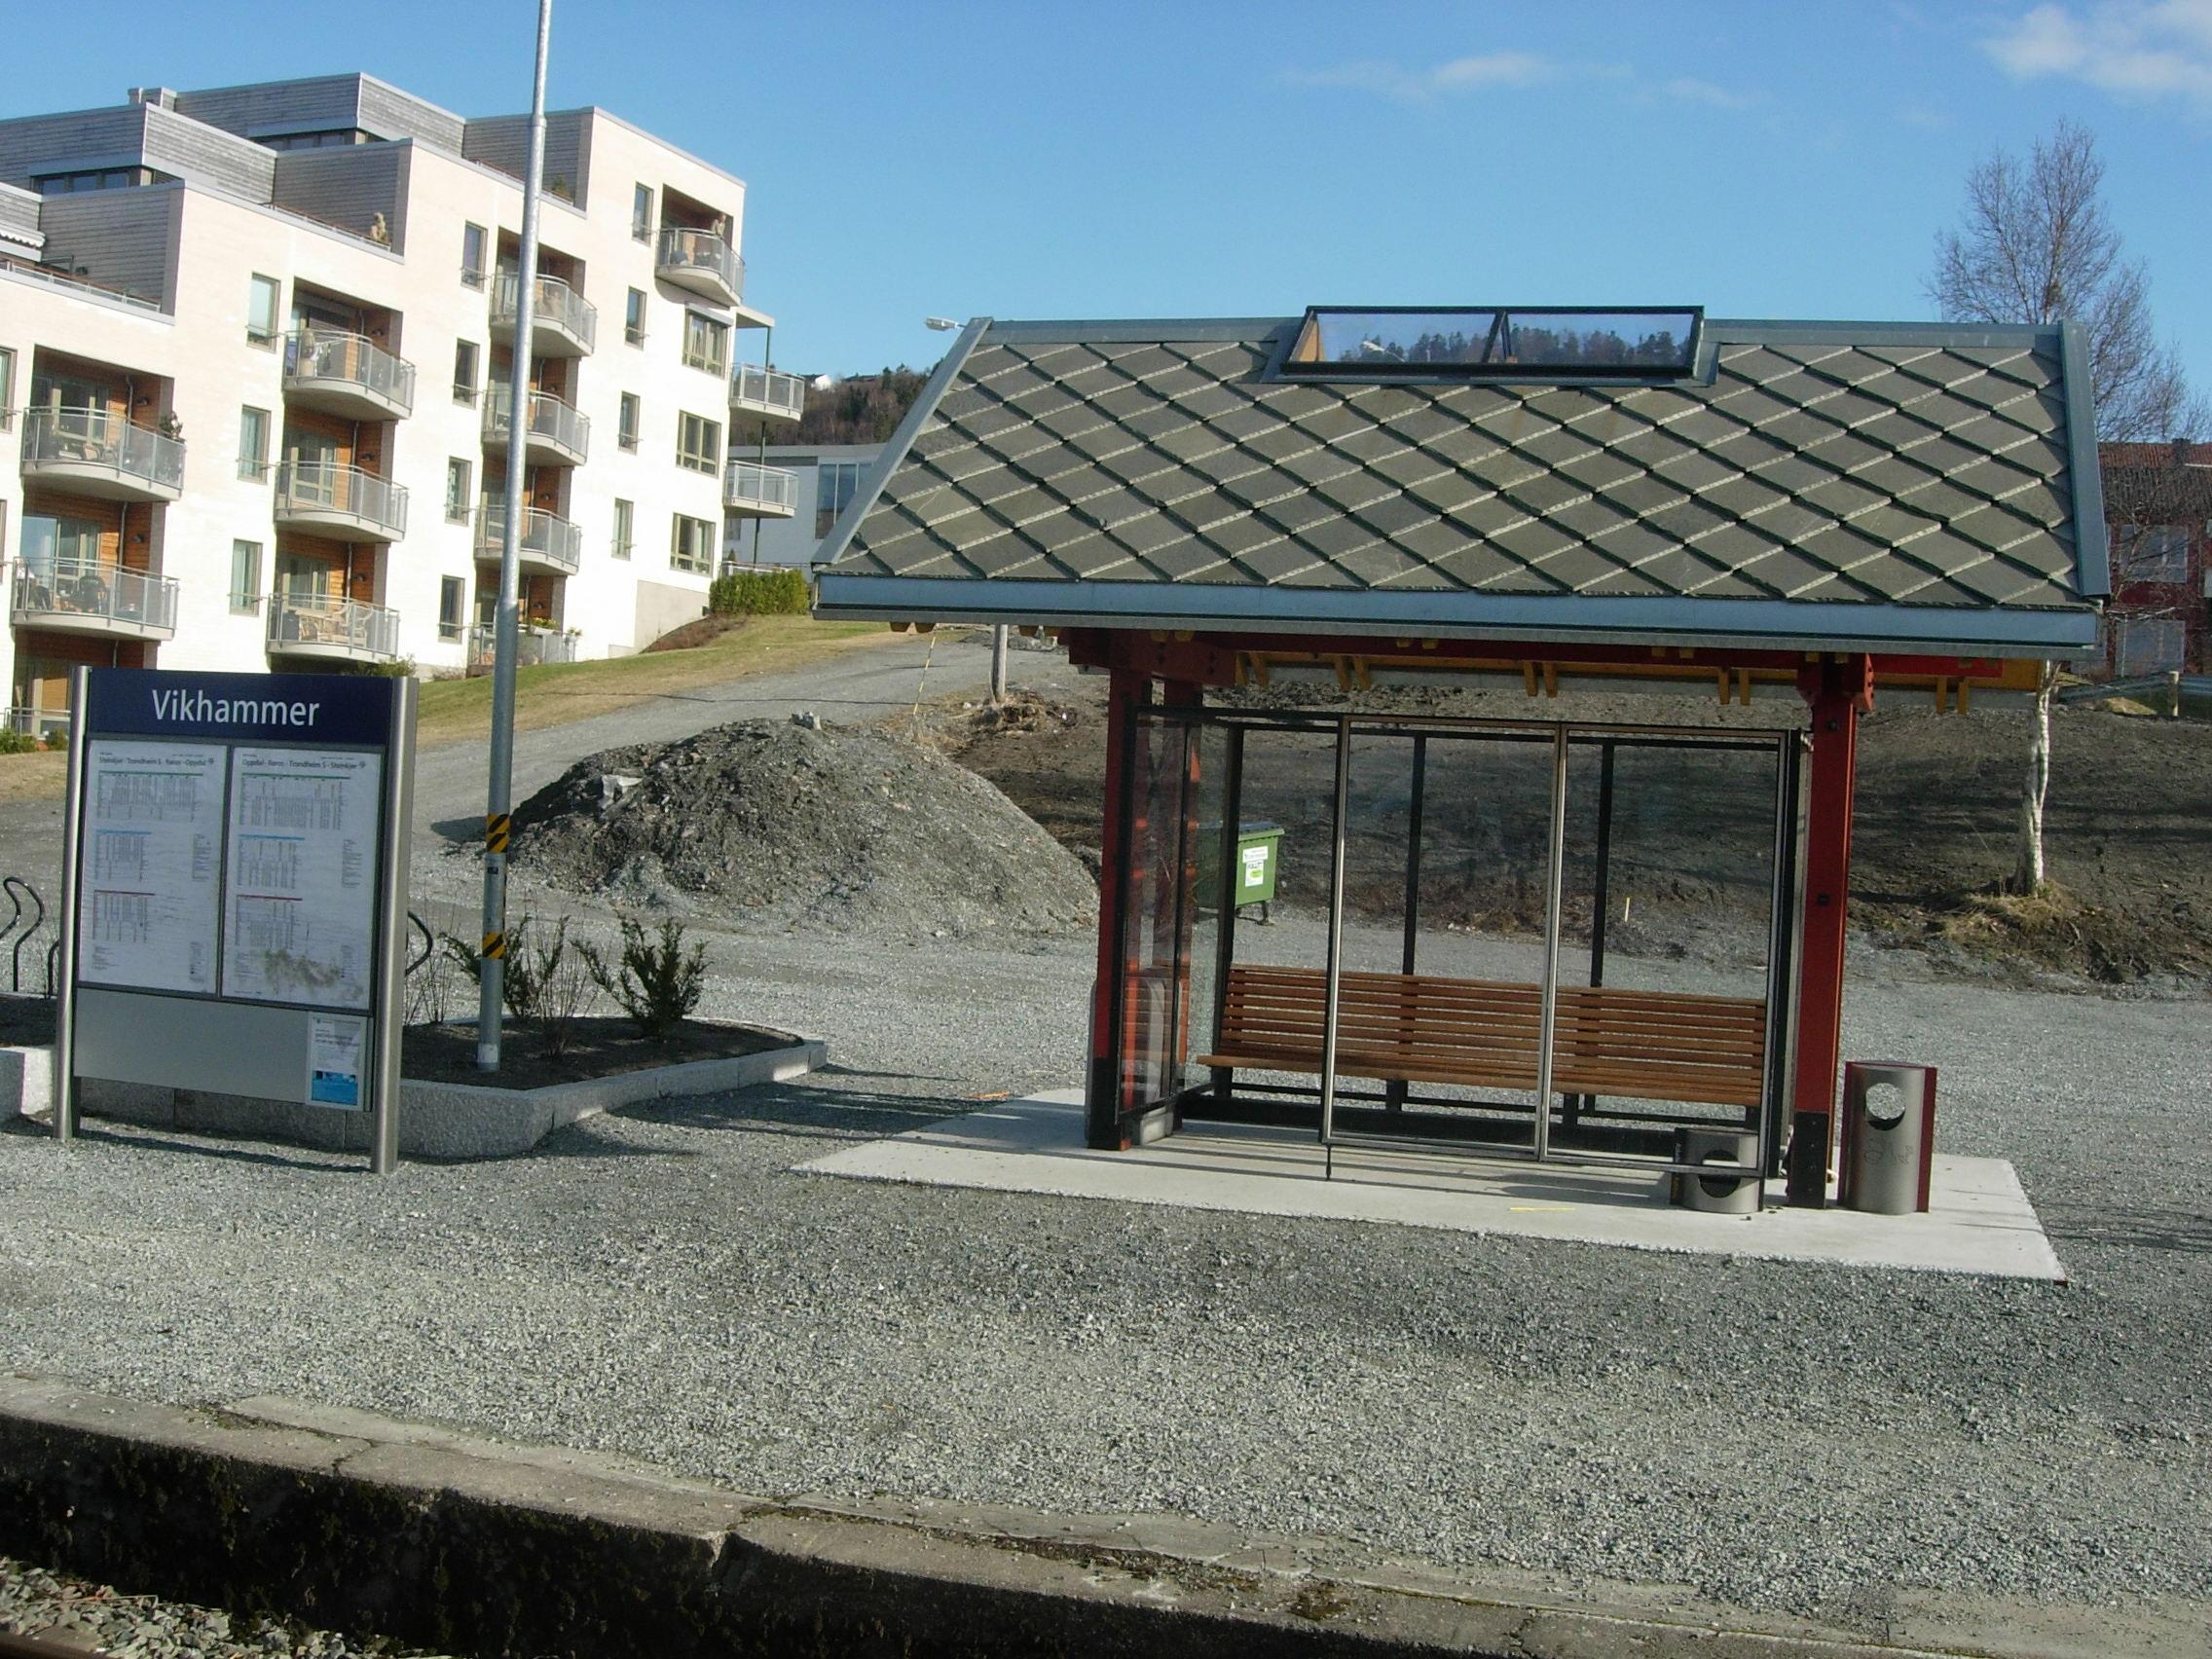 Vikhammer stasjon